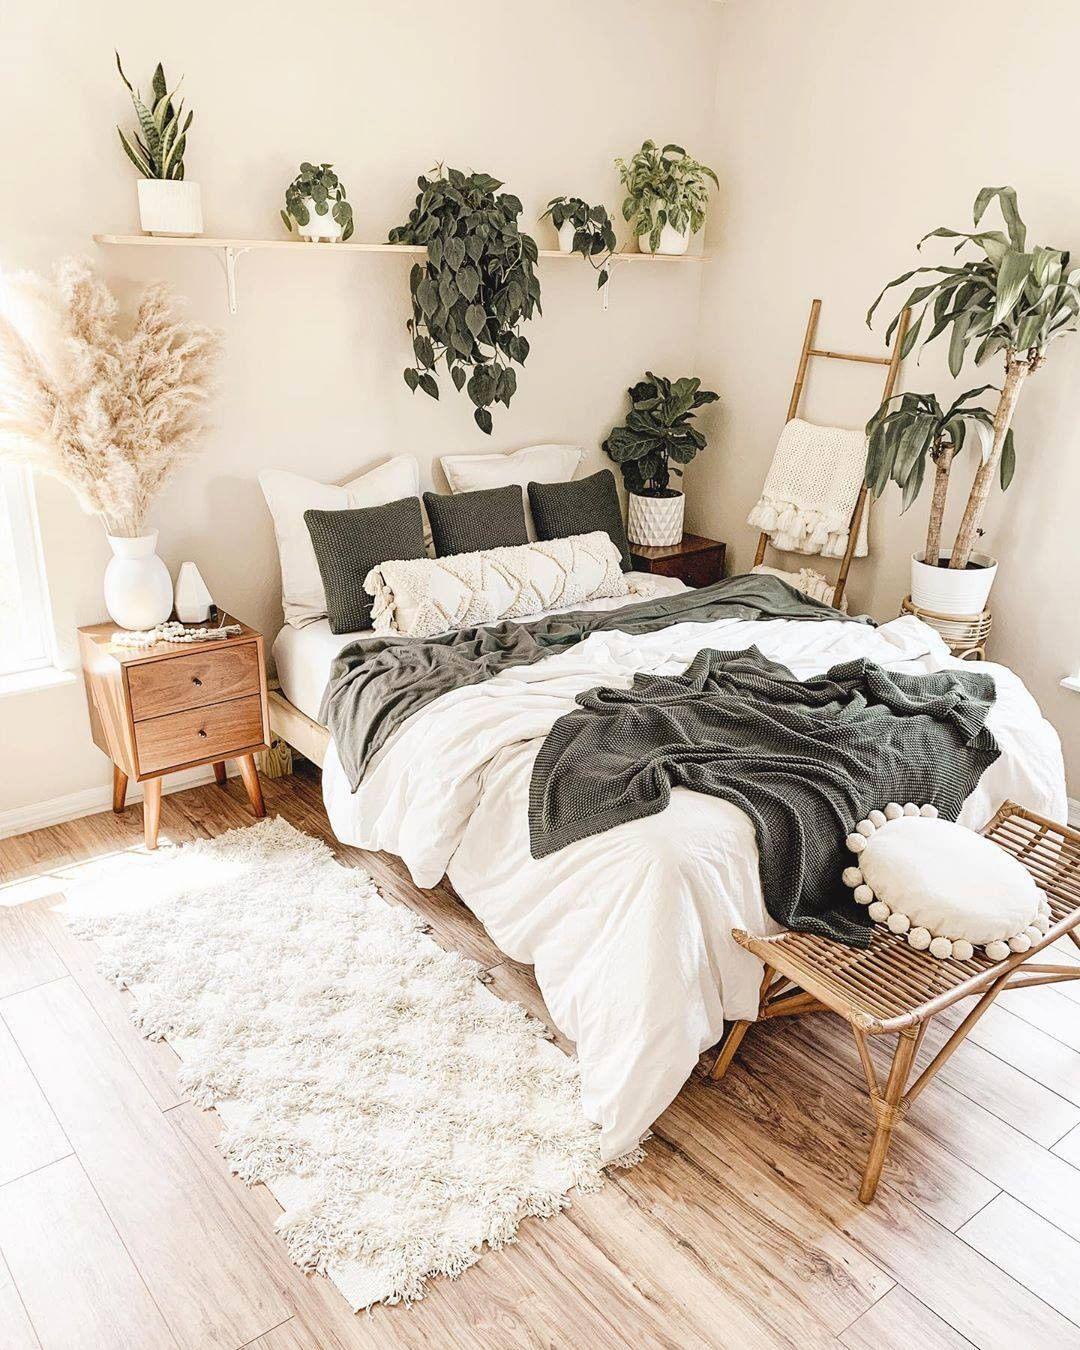 Guest Bedroom Couples Bedroom Bedroom Makeovers Rustic Bedroom His And Her Bedroom Ideas Inspiratio Redecorate Bedroom Room Inspiration Bedroom Cozy Room Decor